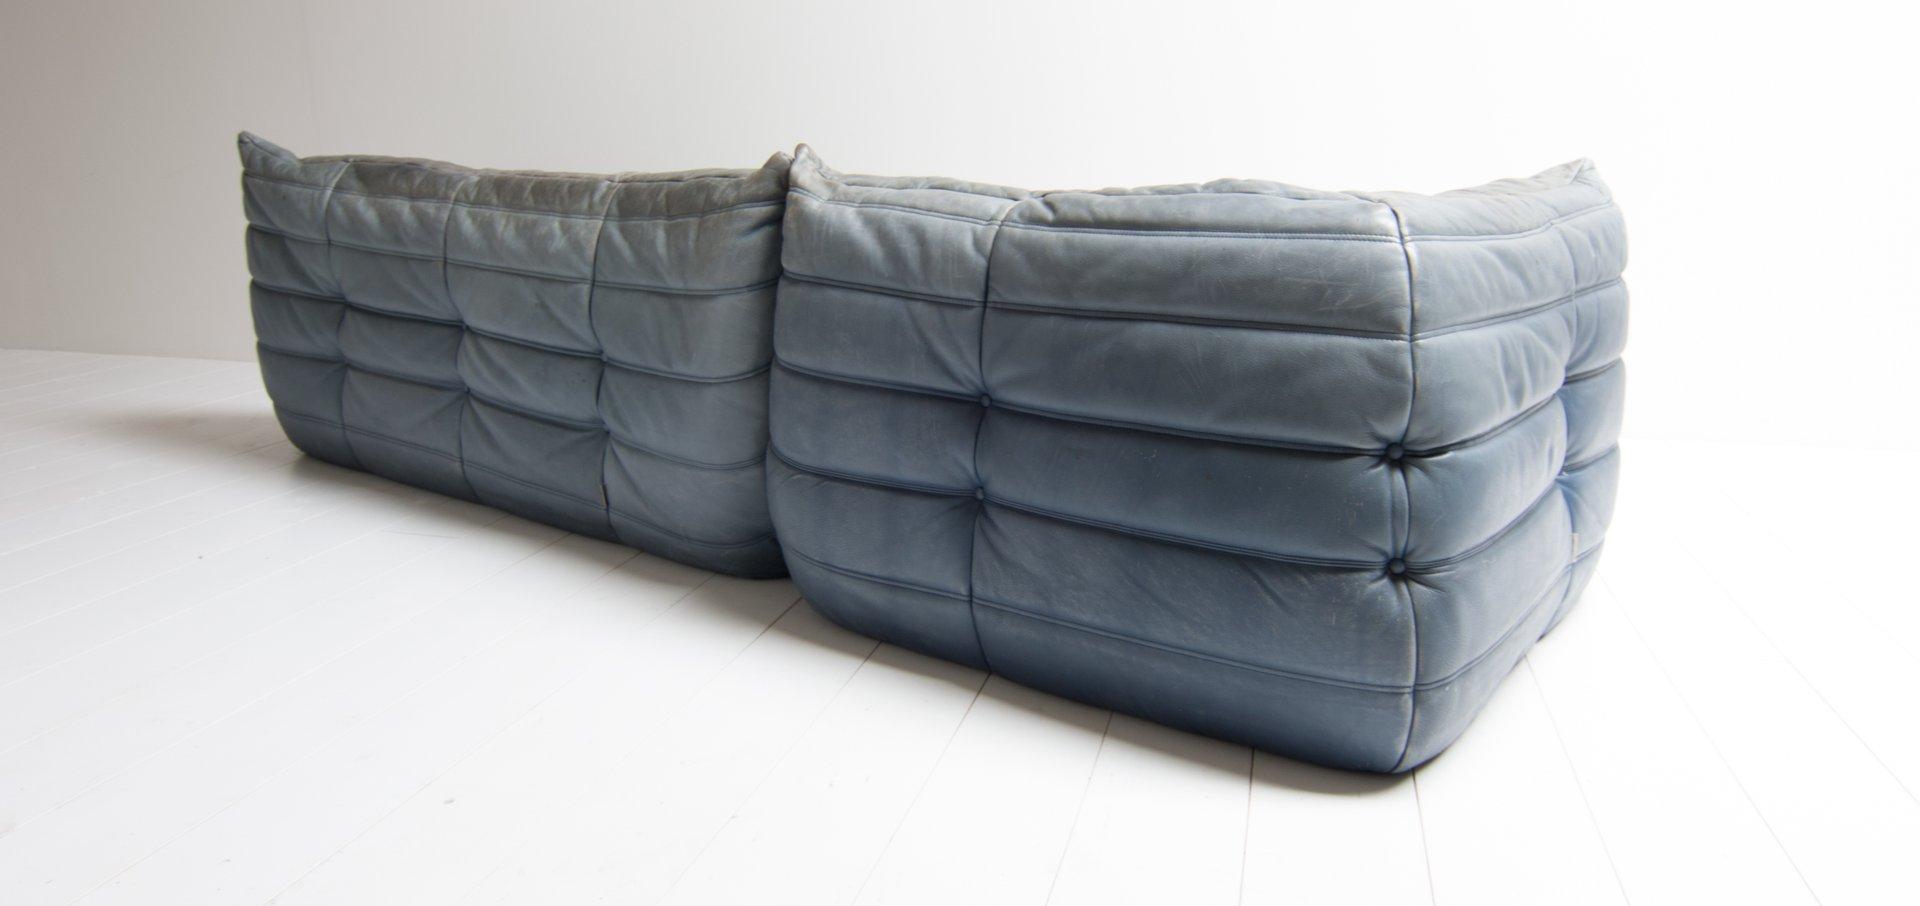 Wohnzimmergarnitur Leder blaue vintage togo leder wohnzimmergarnitur michel ducaroy für